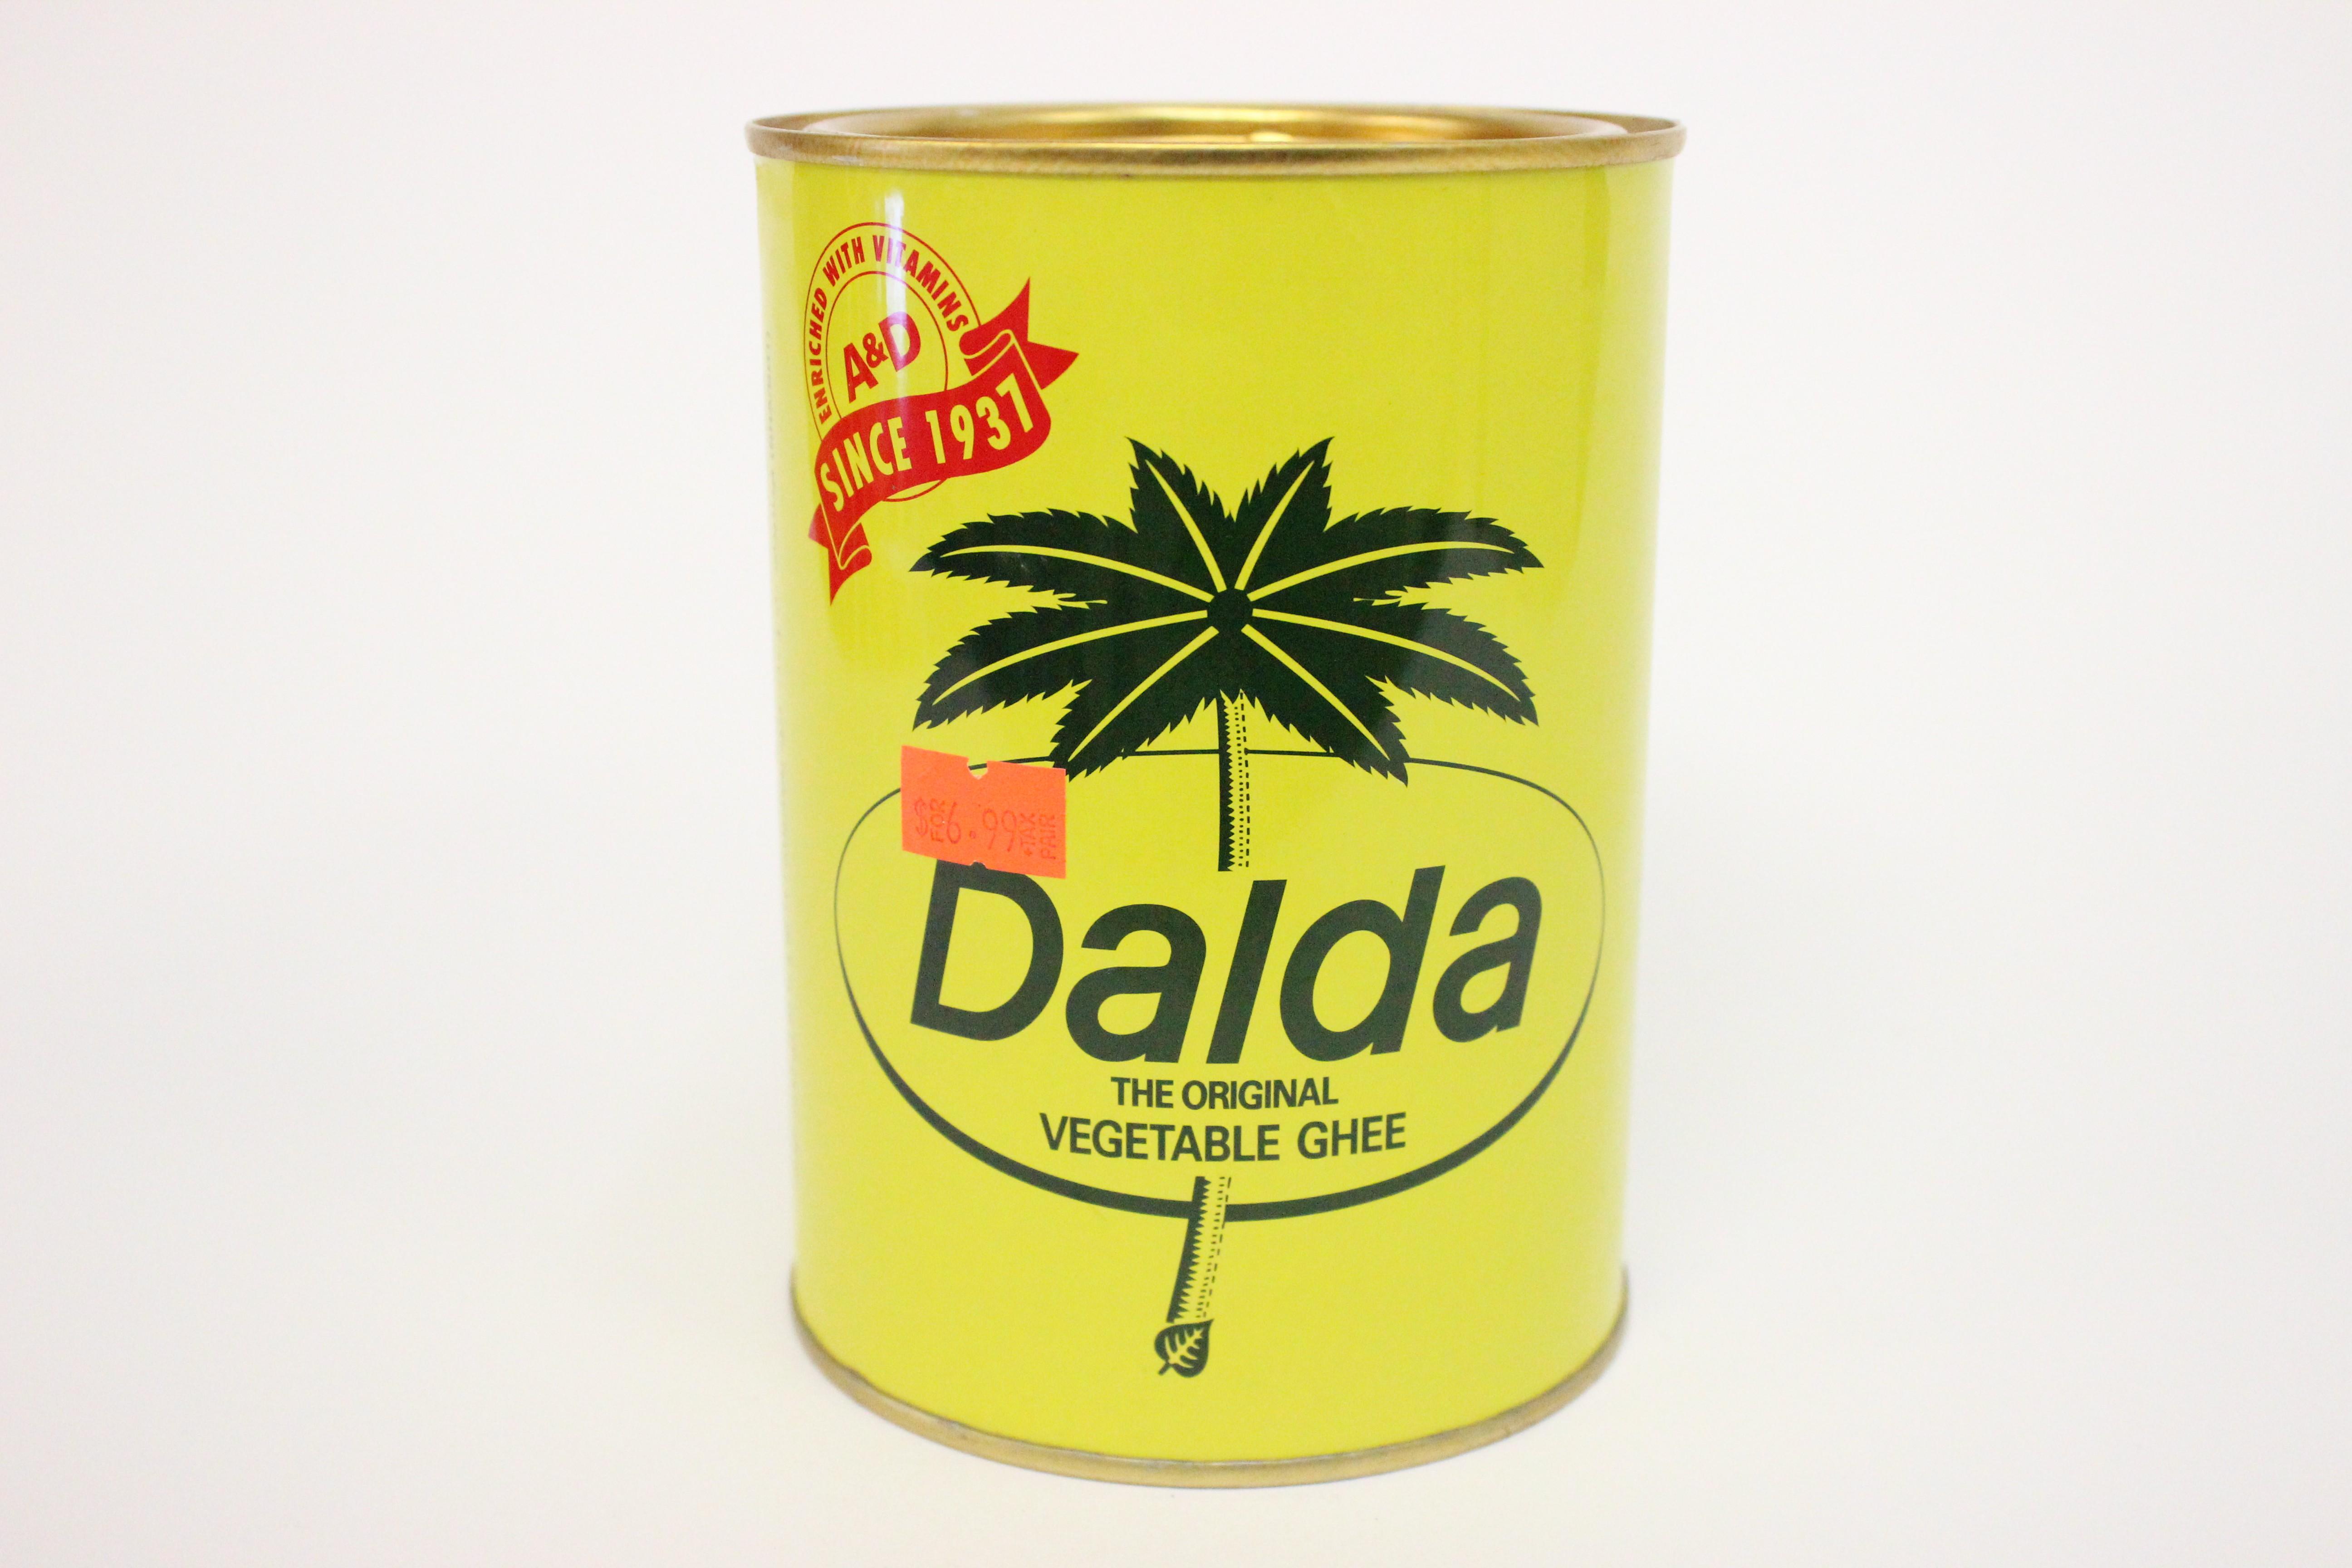 Dalda Vegetable Ghee 1 Kg